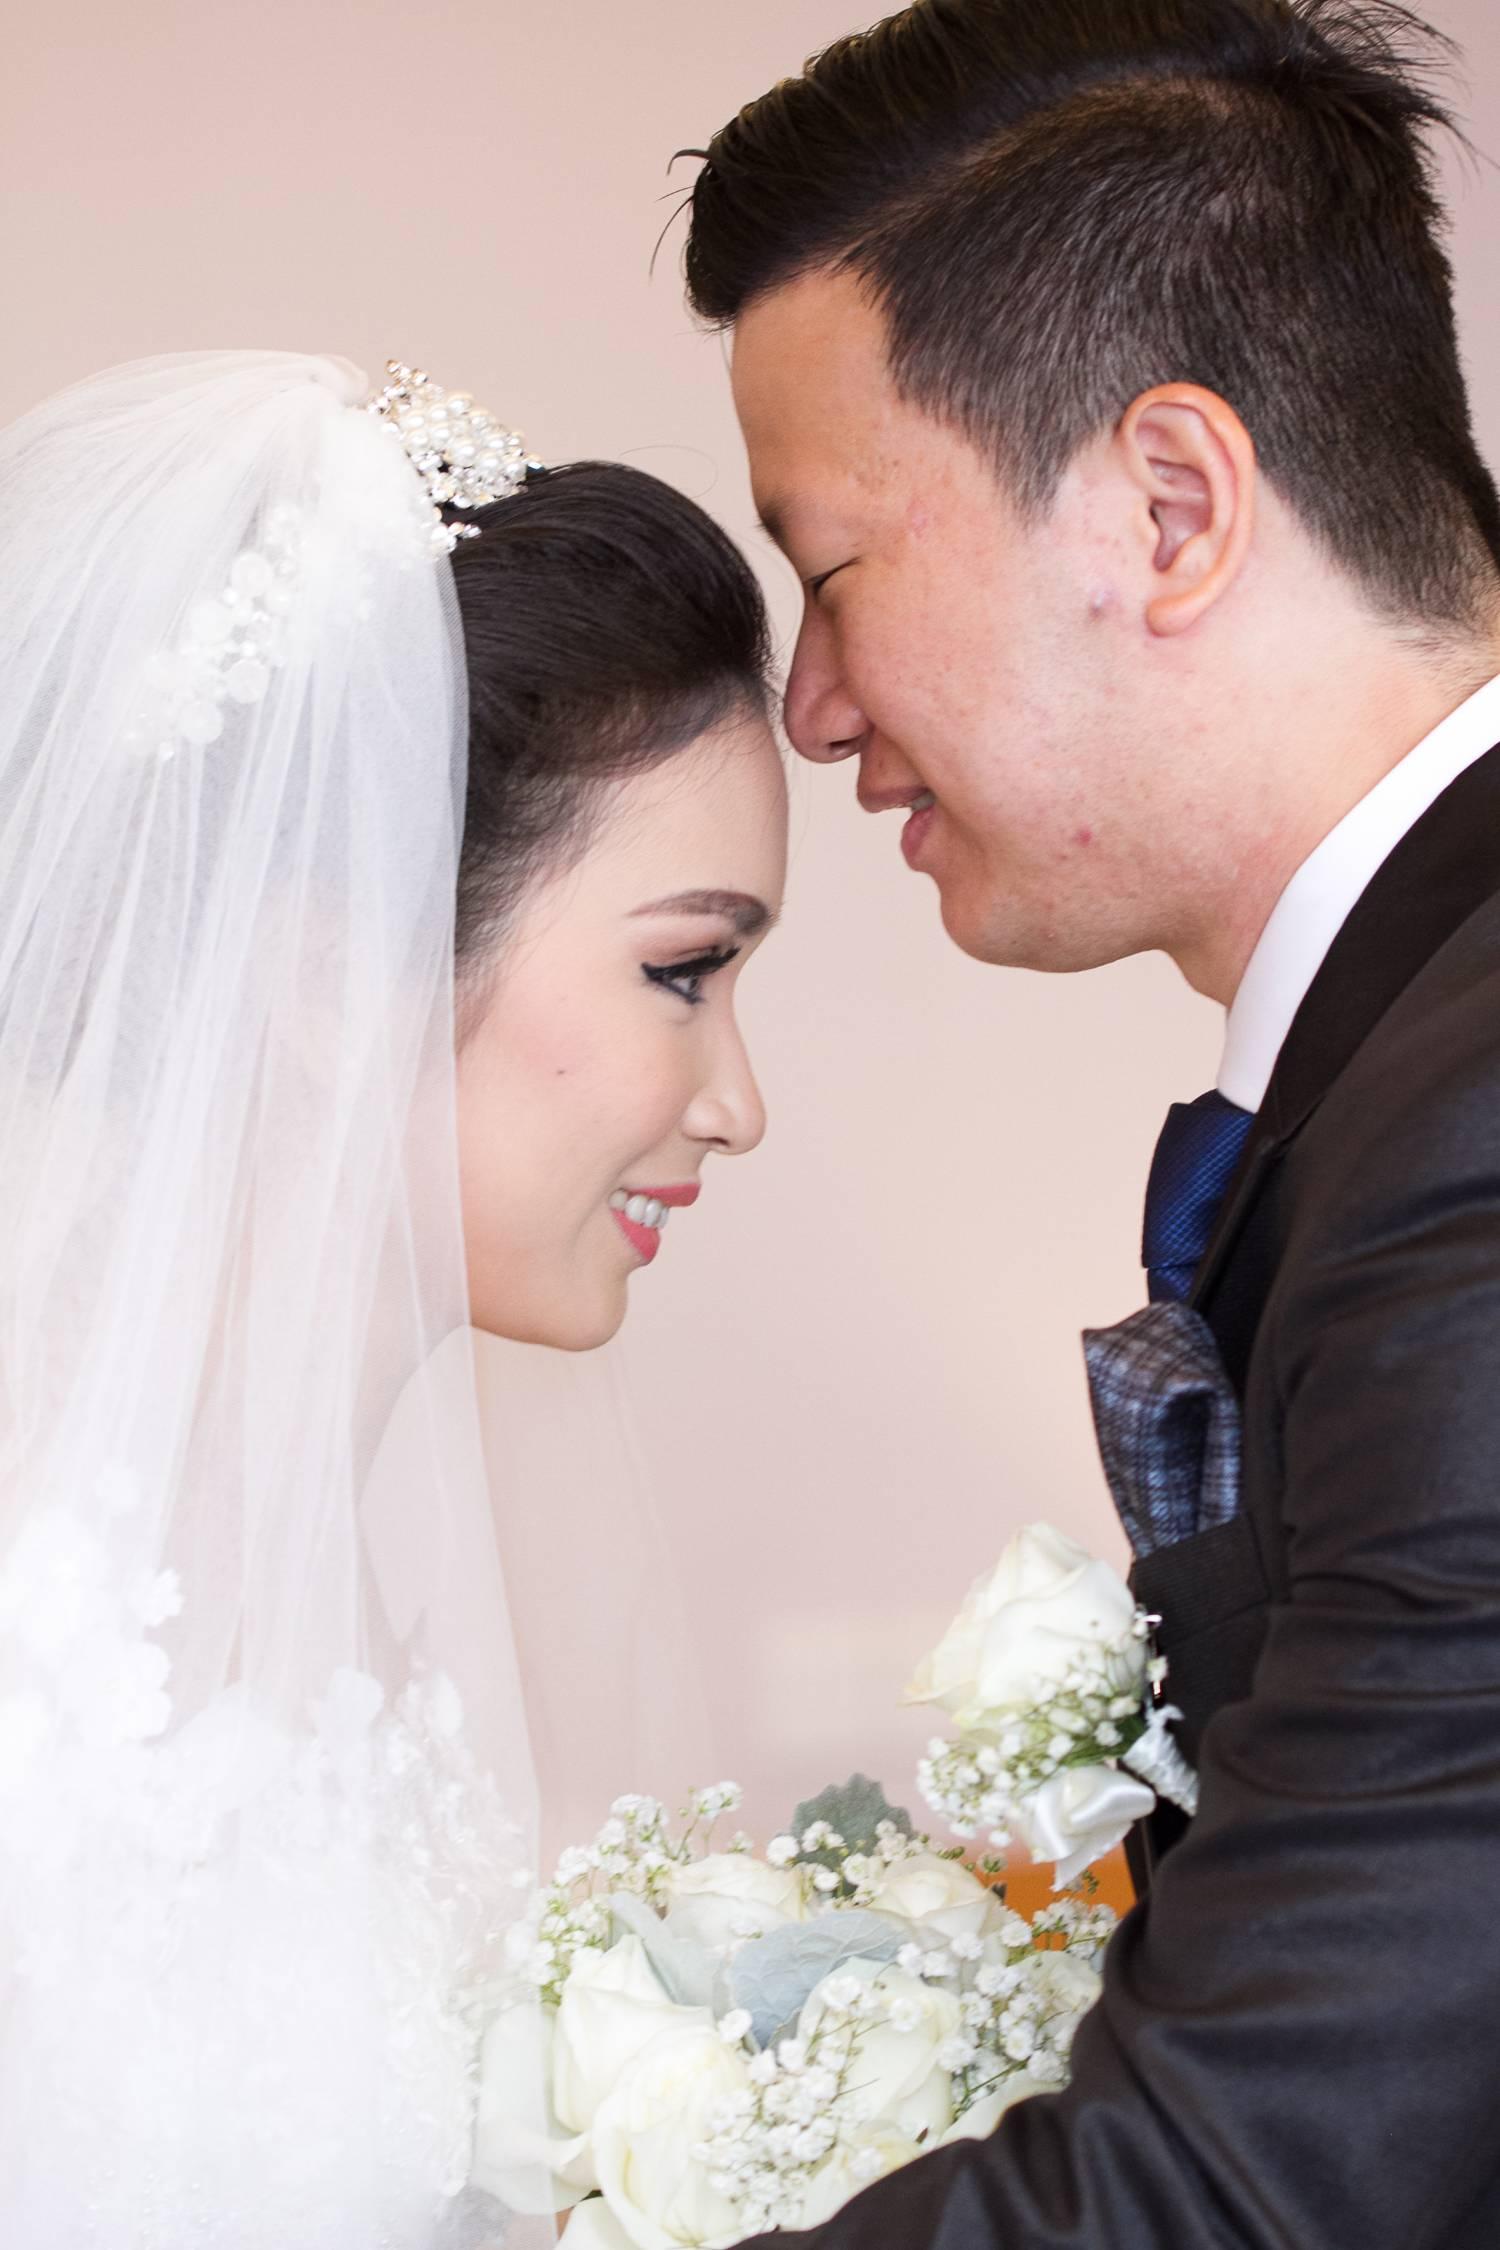 Grand Wedding at Merylnn Park 13